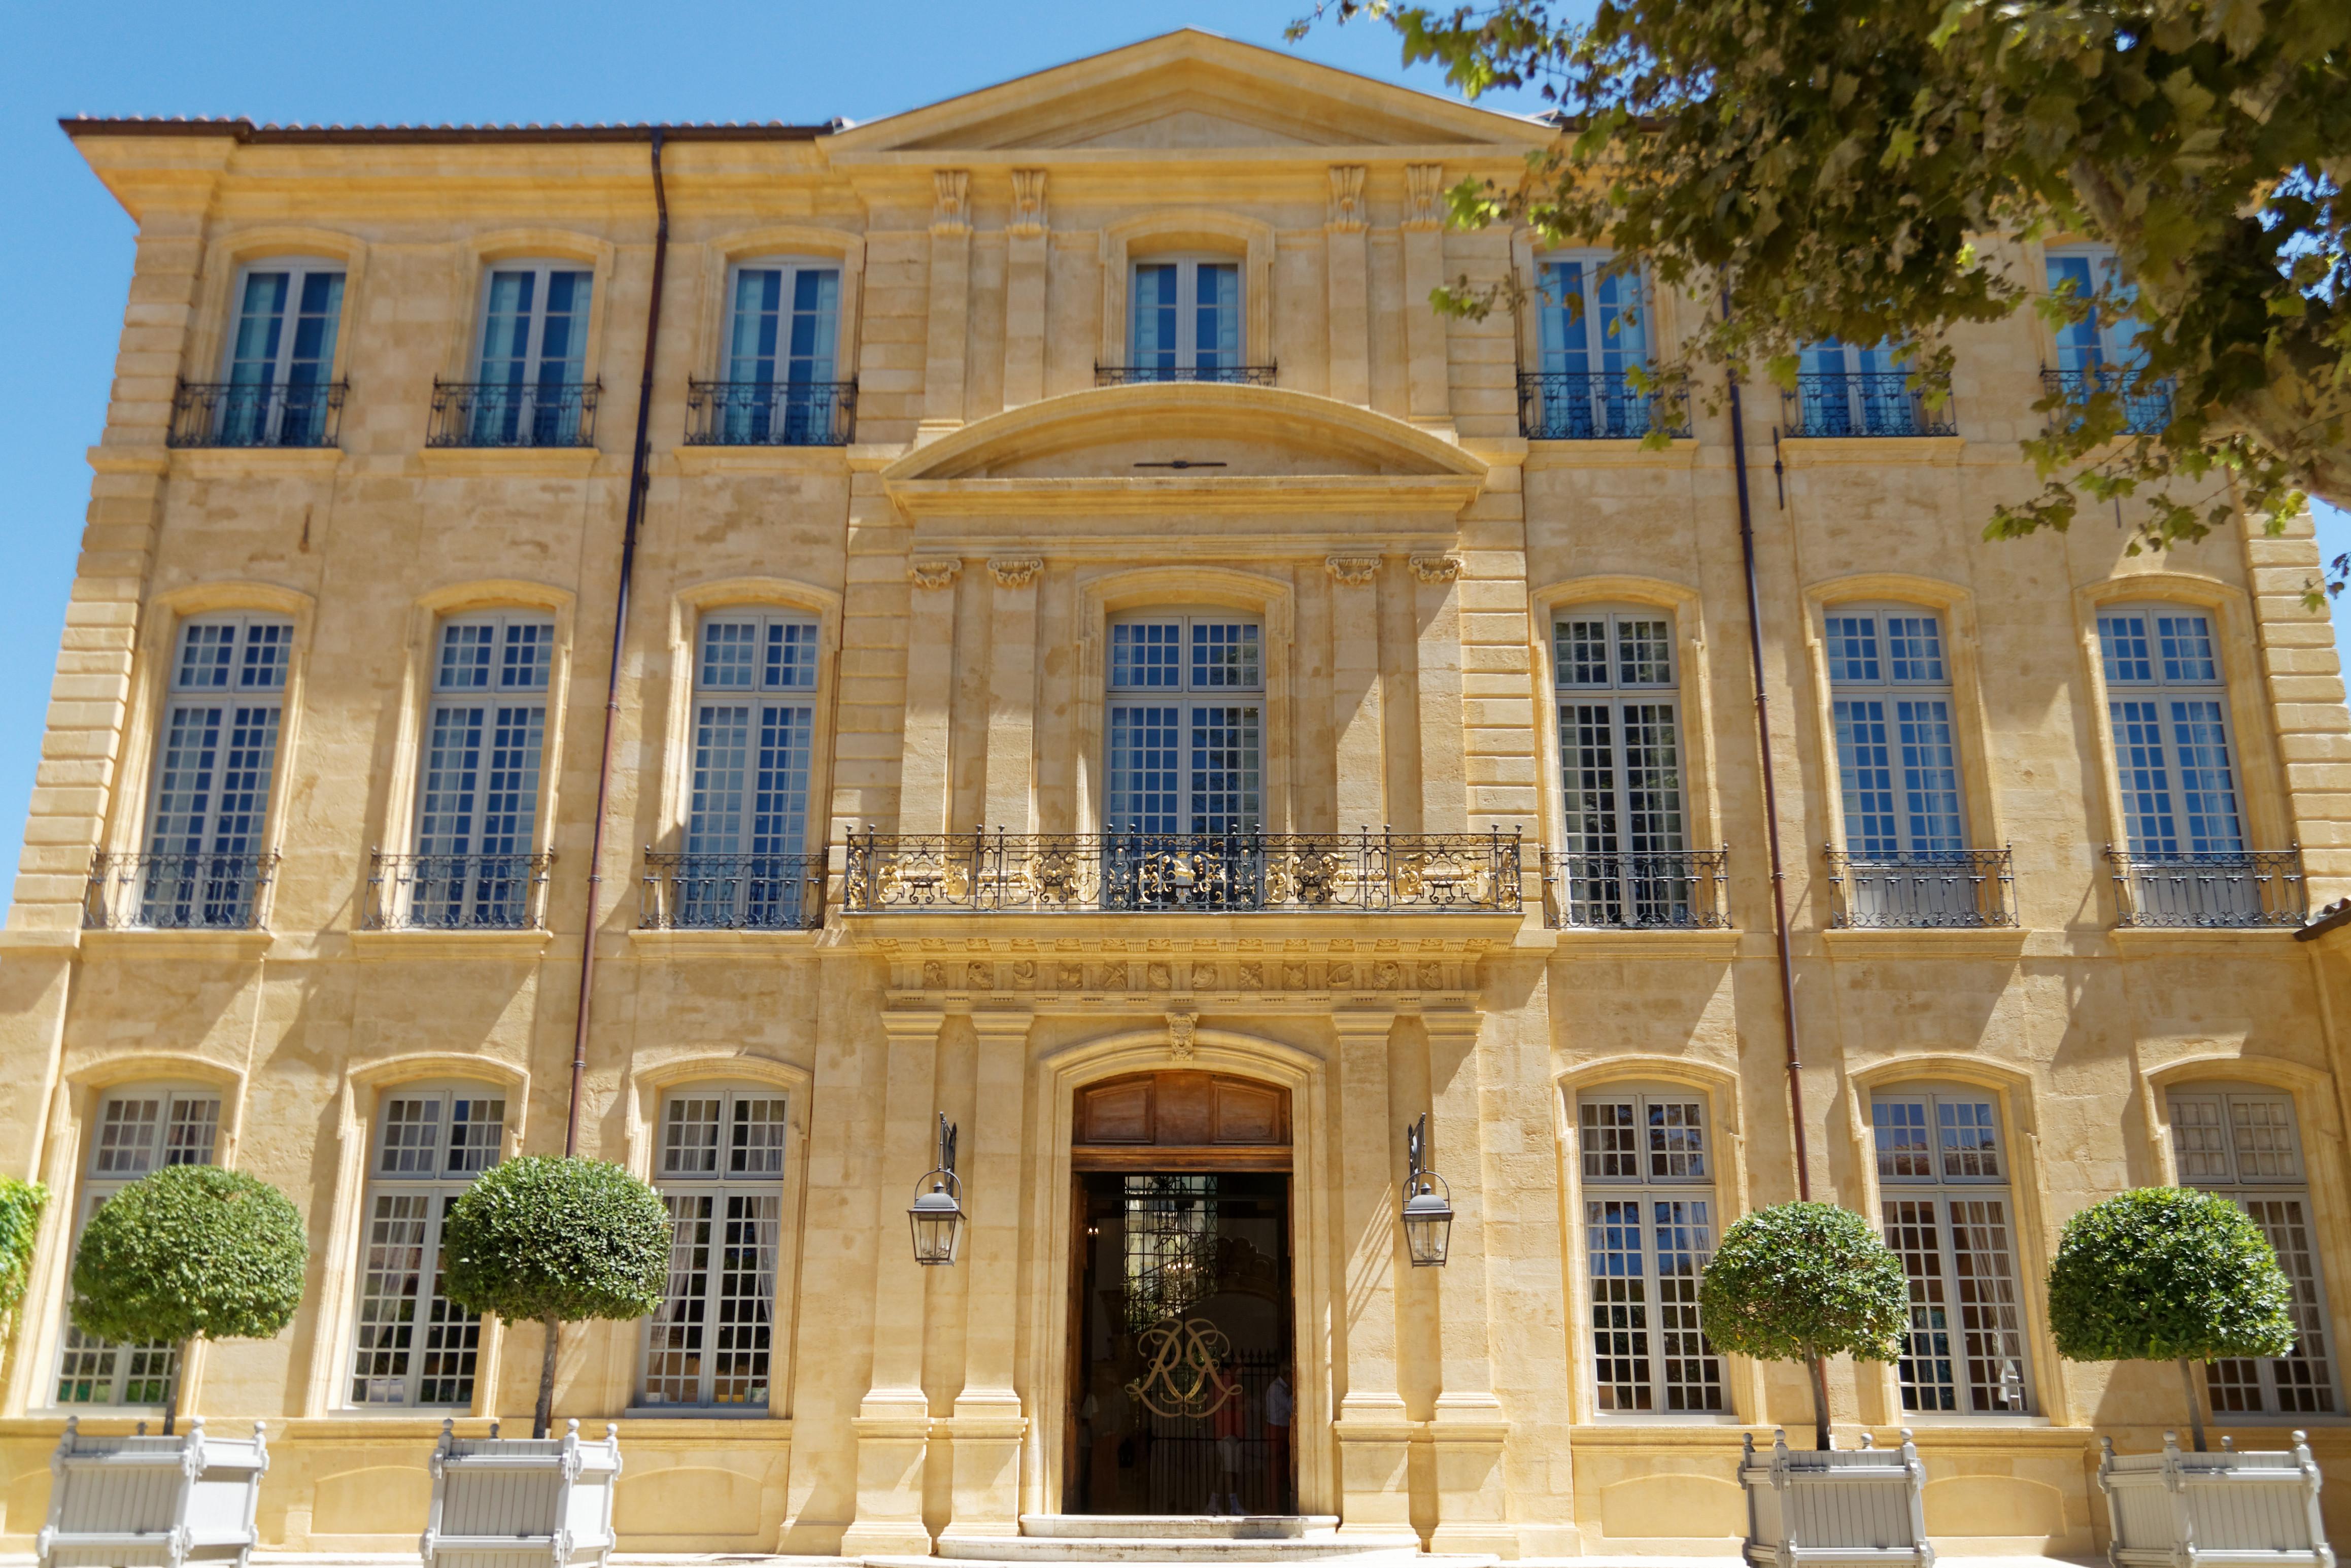 Construction Aix En Provence hôtel de caumont - wikipedia